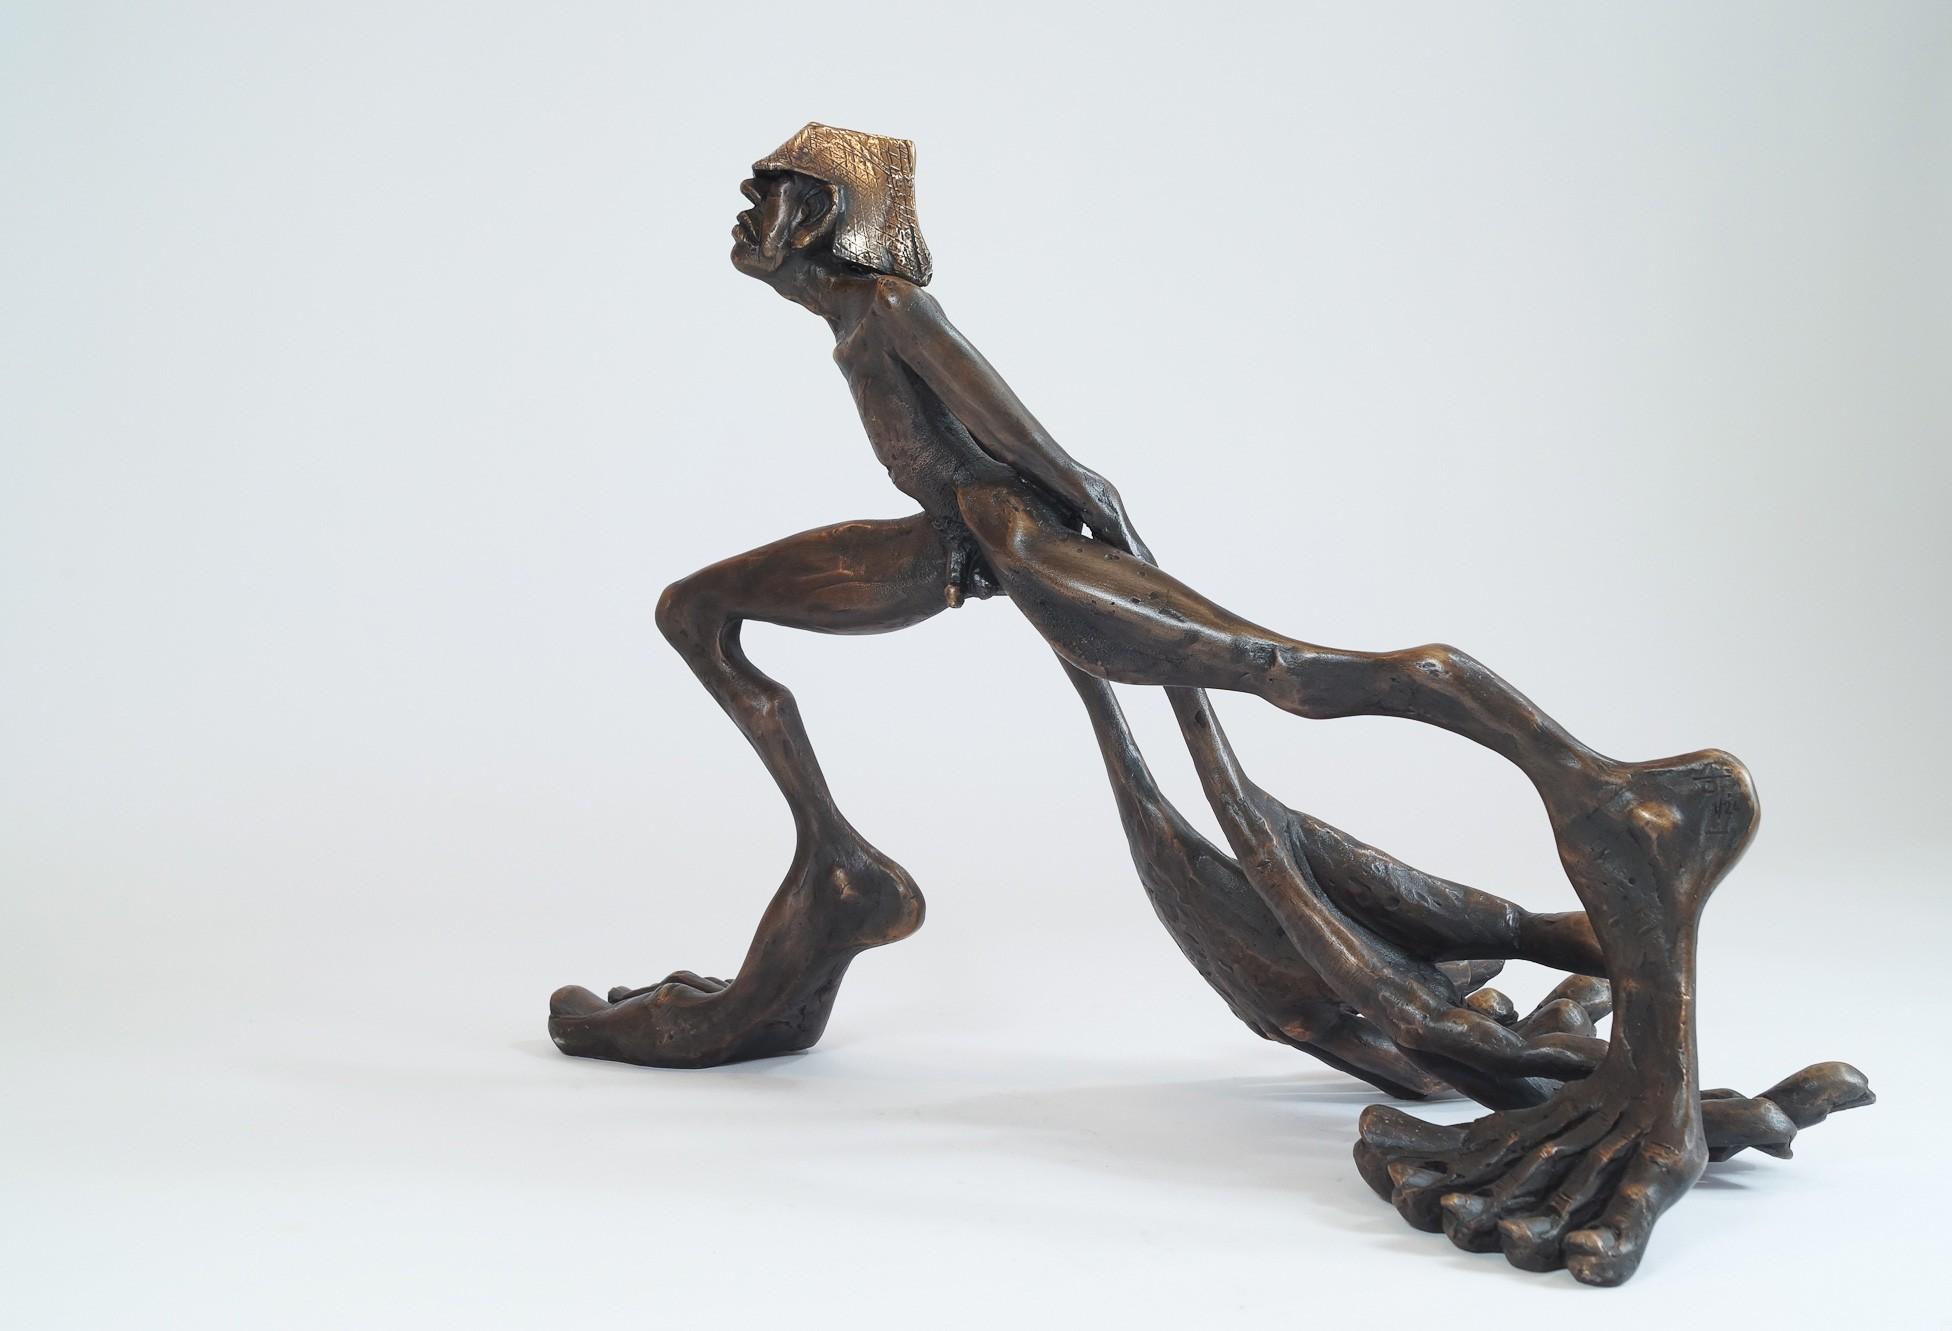 Zeitschläger - seitlich v.l., Bronze Plastik, Skulptur von Tim David Trillsam, Edition